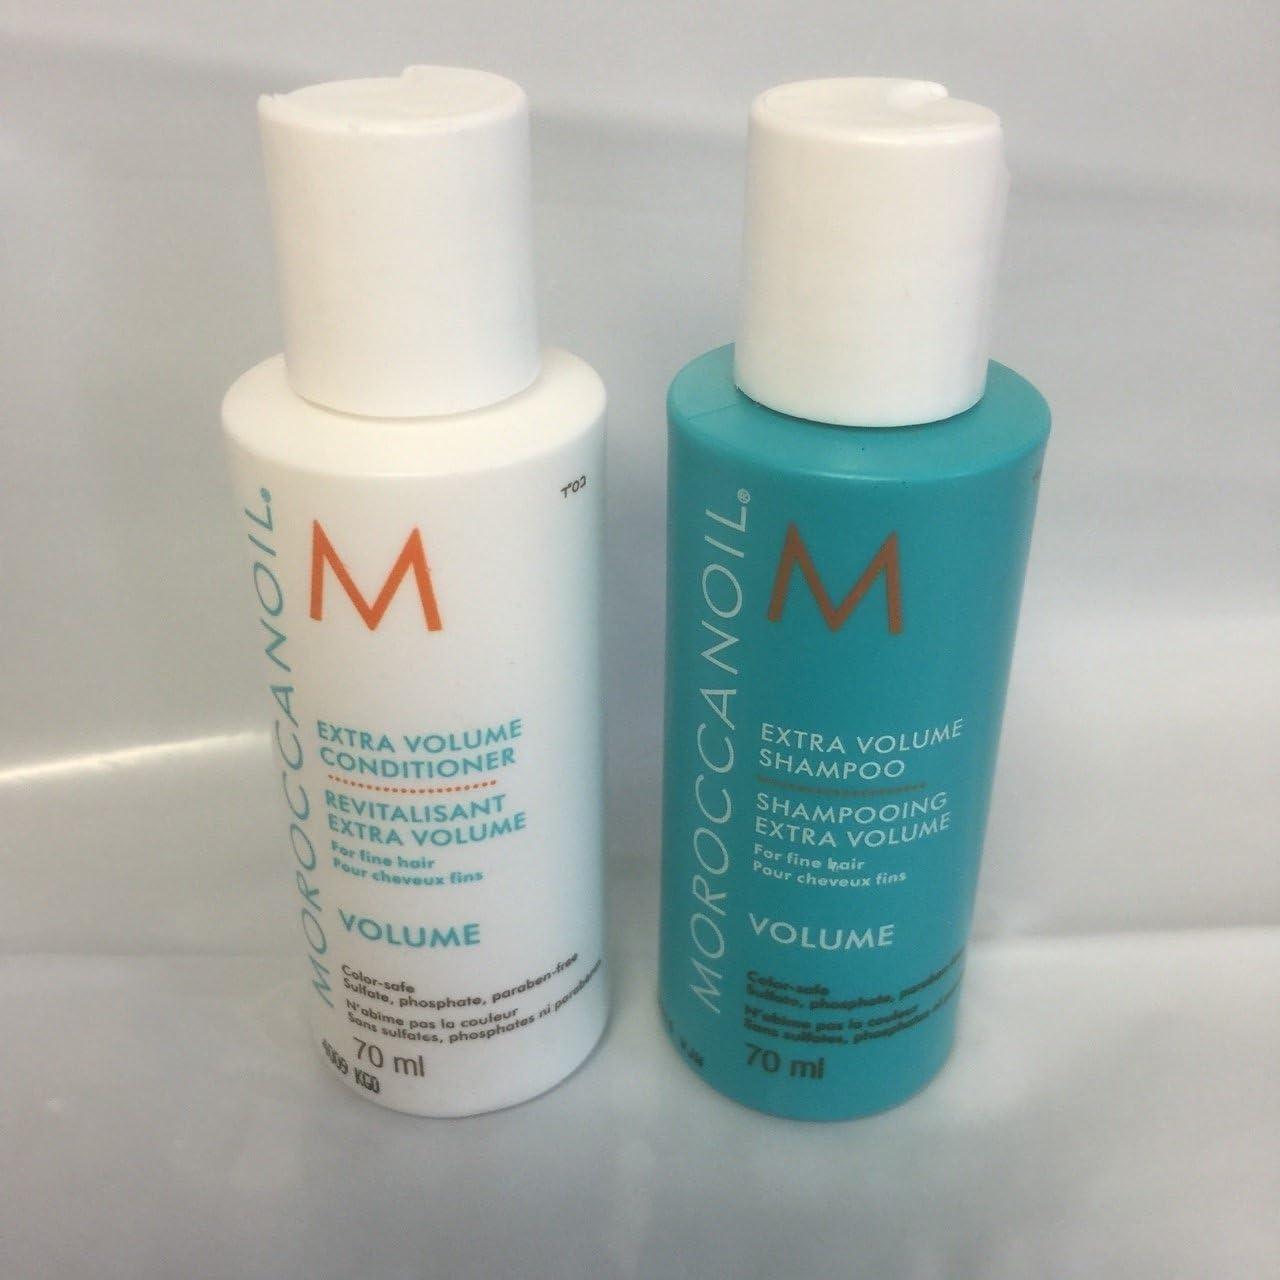 Moroccanoil volumen extra champú y acondicionador Duo botellas de viaje/Pack de prueba (70ml): Amazon.es: Belleza